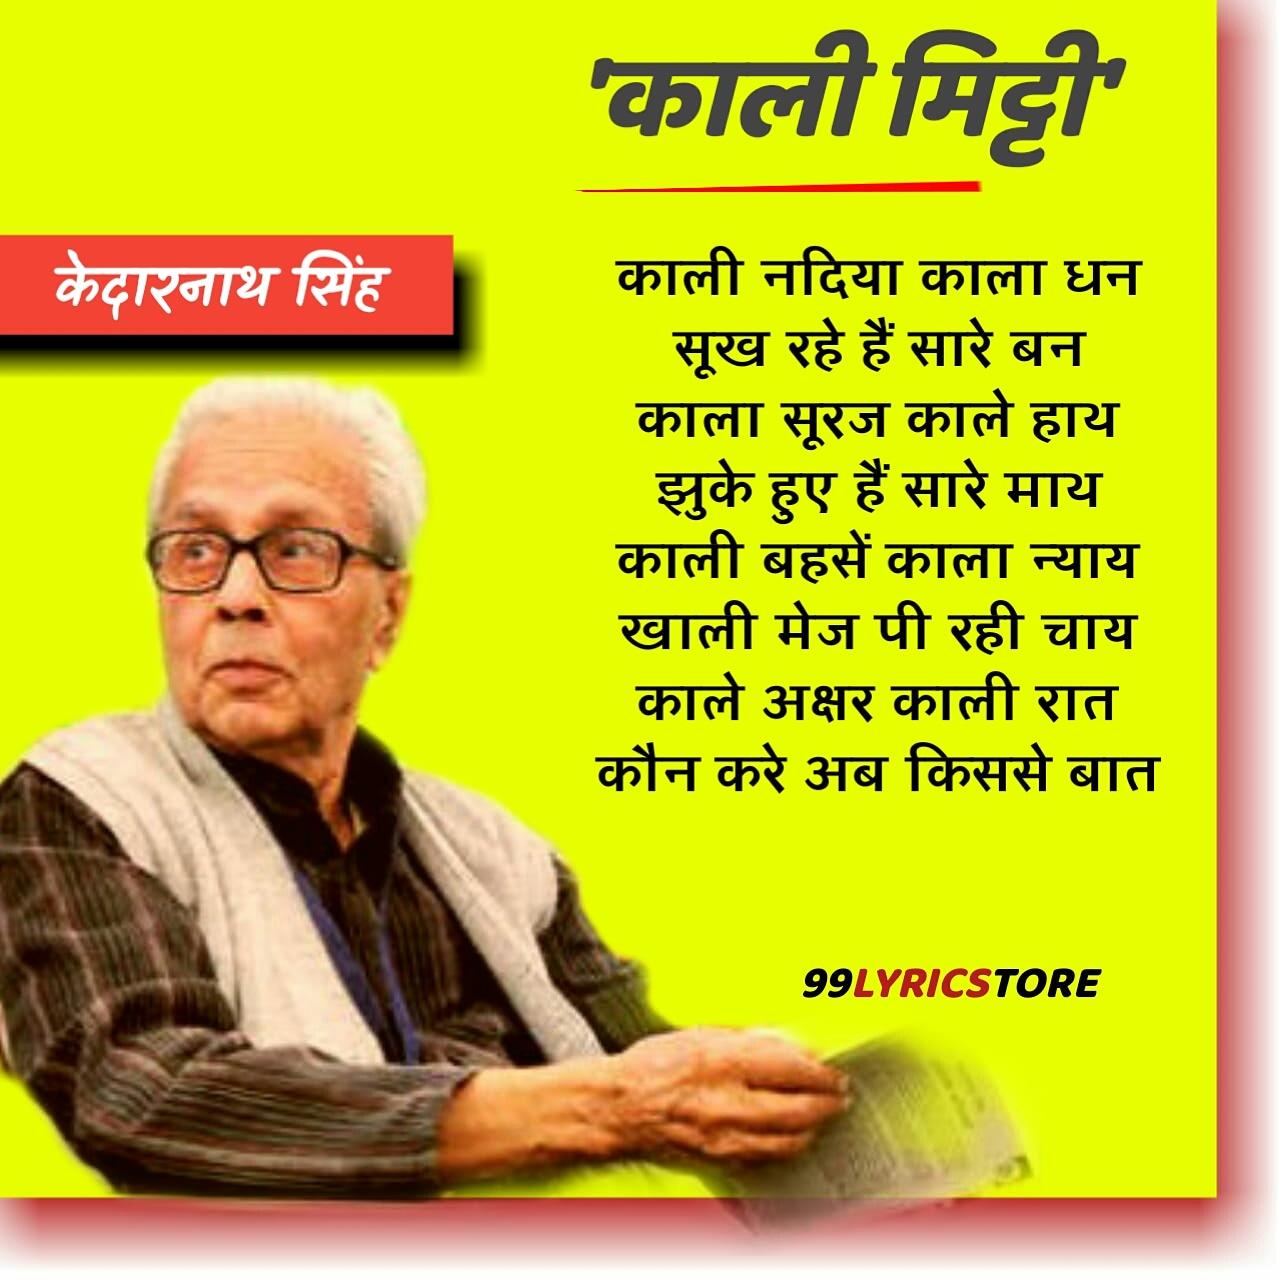 'काली मिट्टी' कविता केदारनाथ सिंह जी द्वारा लिखी गई एक हिन्दी कविता है।